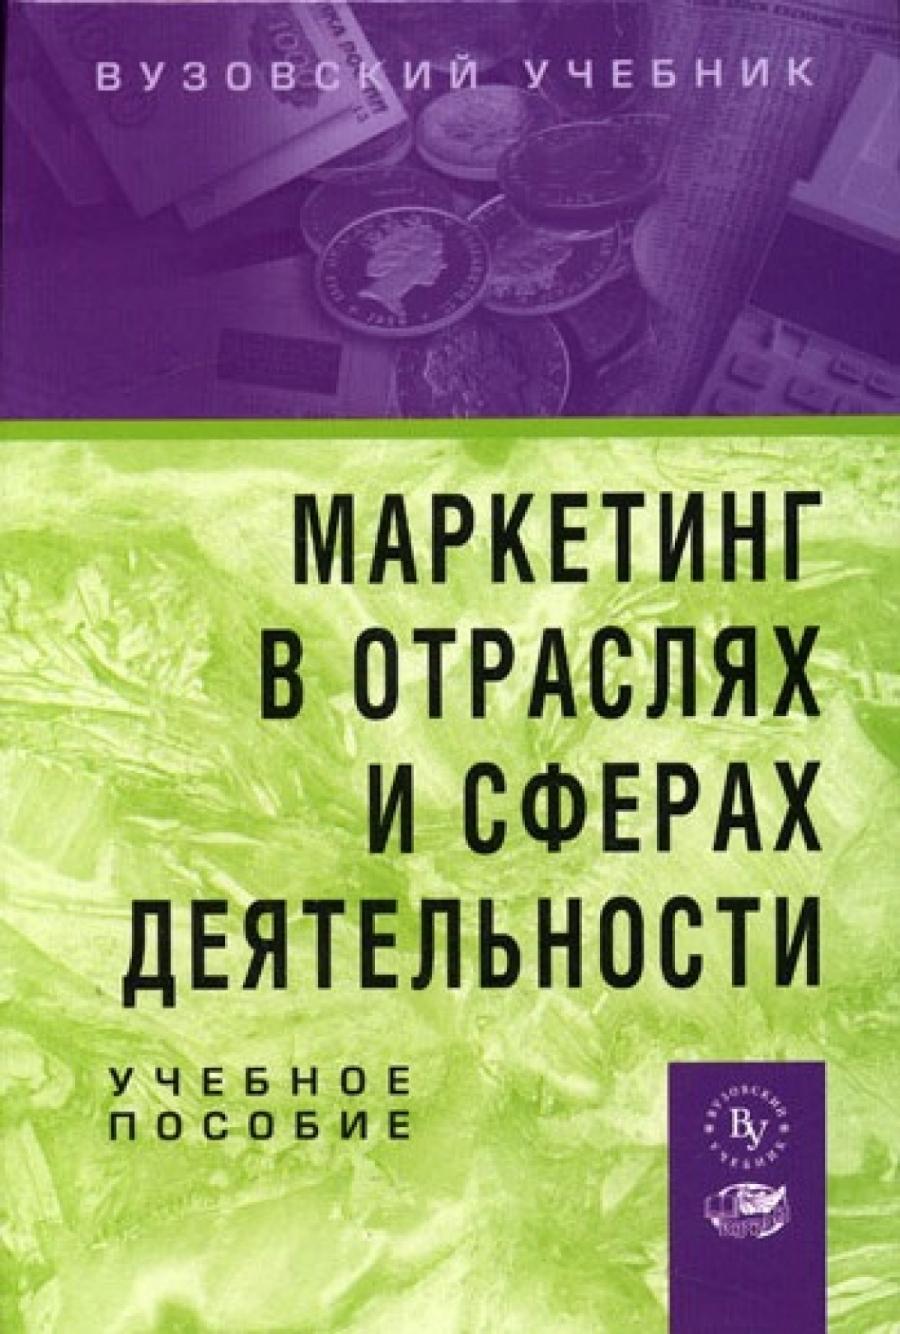 Обложка книги:  н.а. нагапетьянц - маркетинг в отраслях и сферах деятельности.